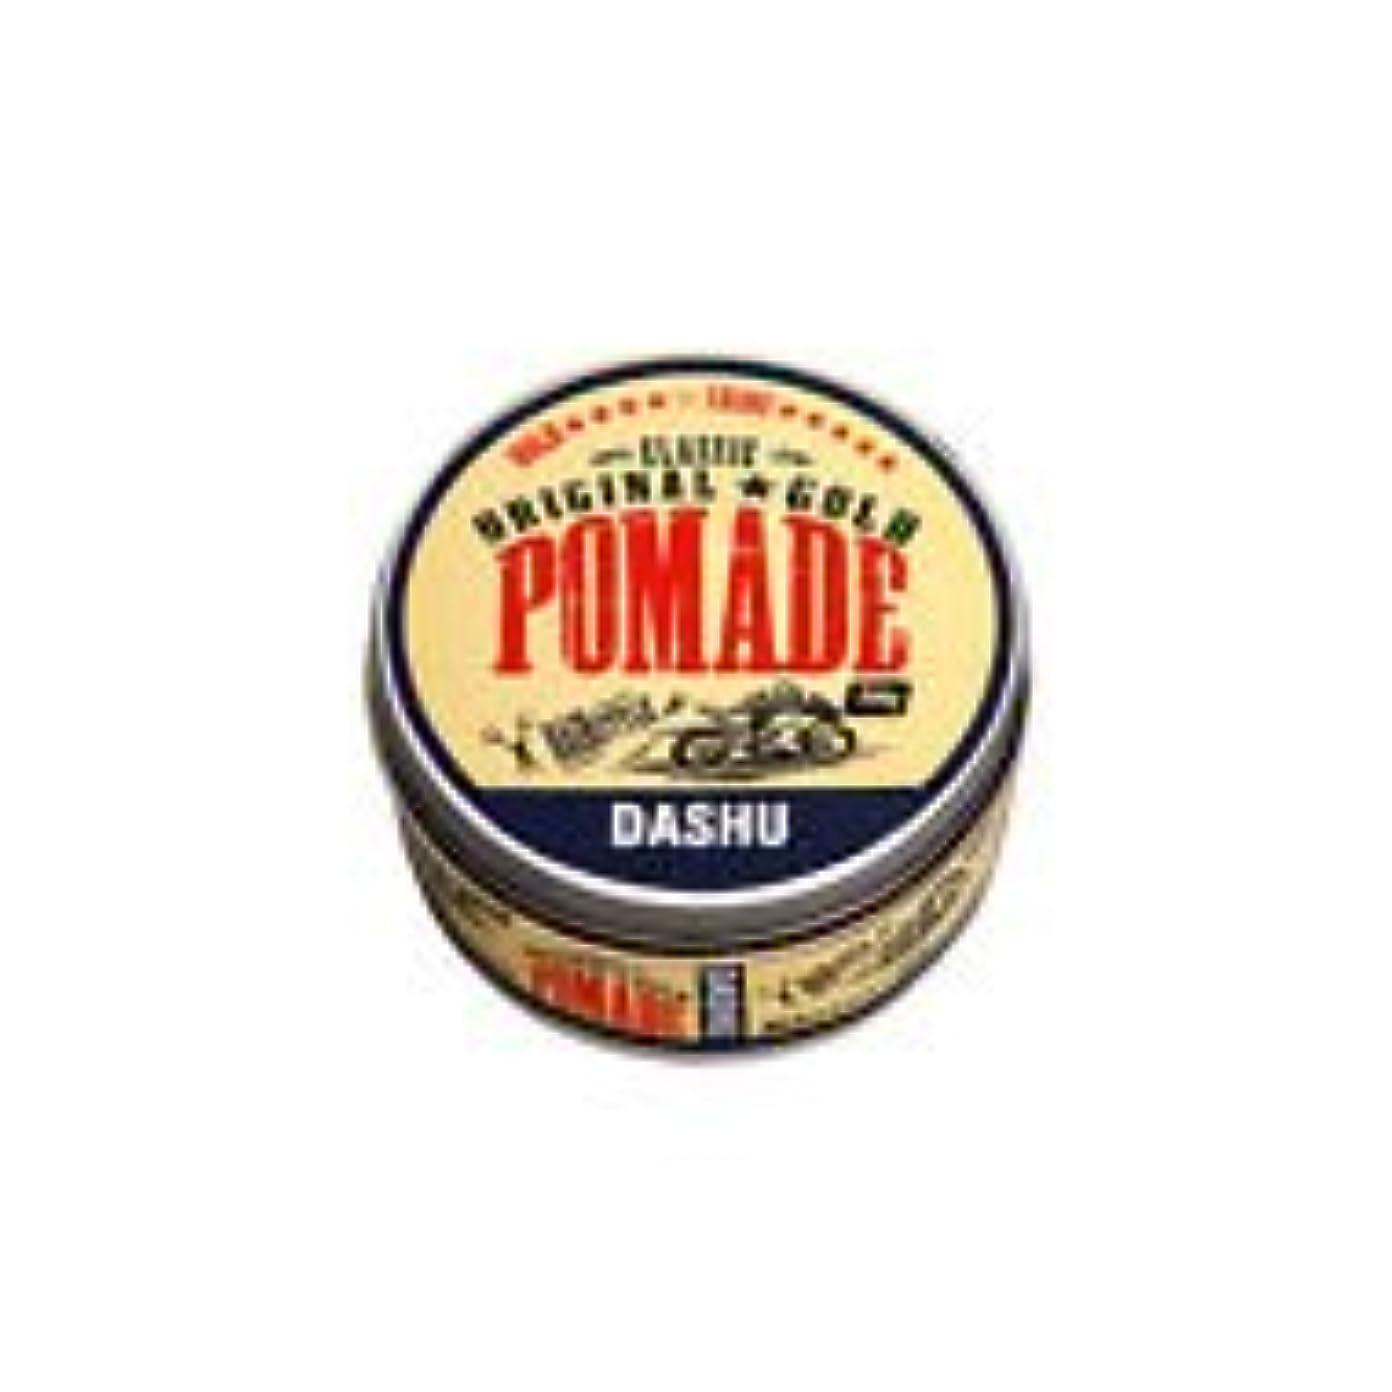 姓空気証拠[DASHU] ダシュ クラシックオリジナルゴールドポマードヘアワックス Classic Original Gold Pomade Hair Wax 100ml / 韓国製 . 韓国直送品